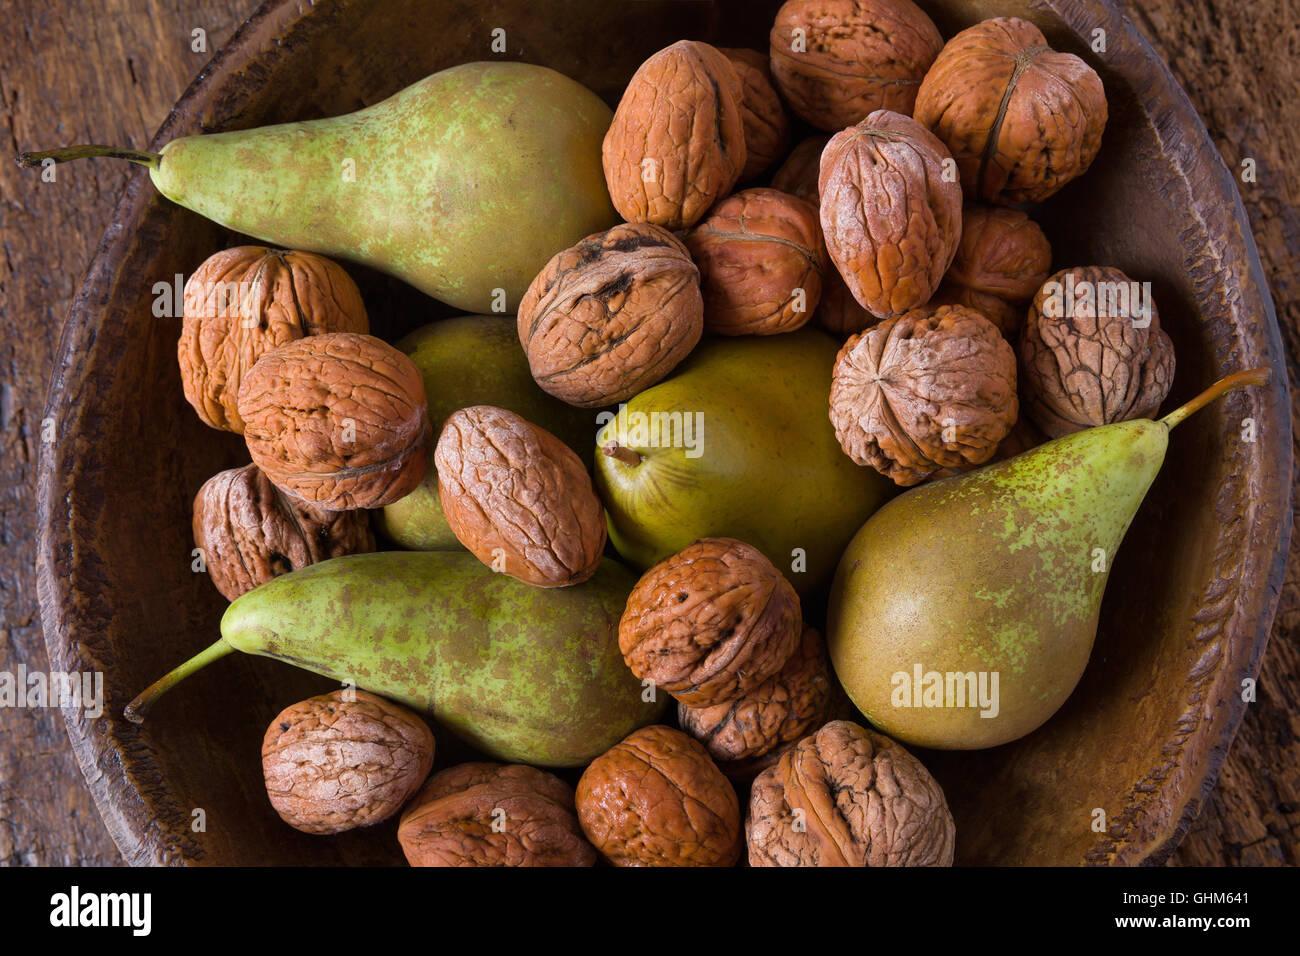 Encore l'automne feuilles d'automne de la vie et les noix sur une grunge background Photo Stock